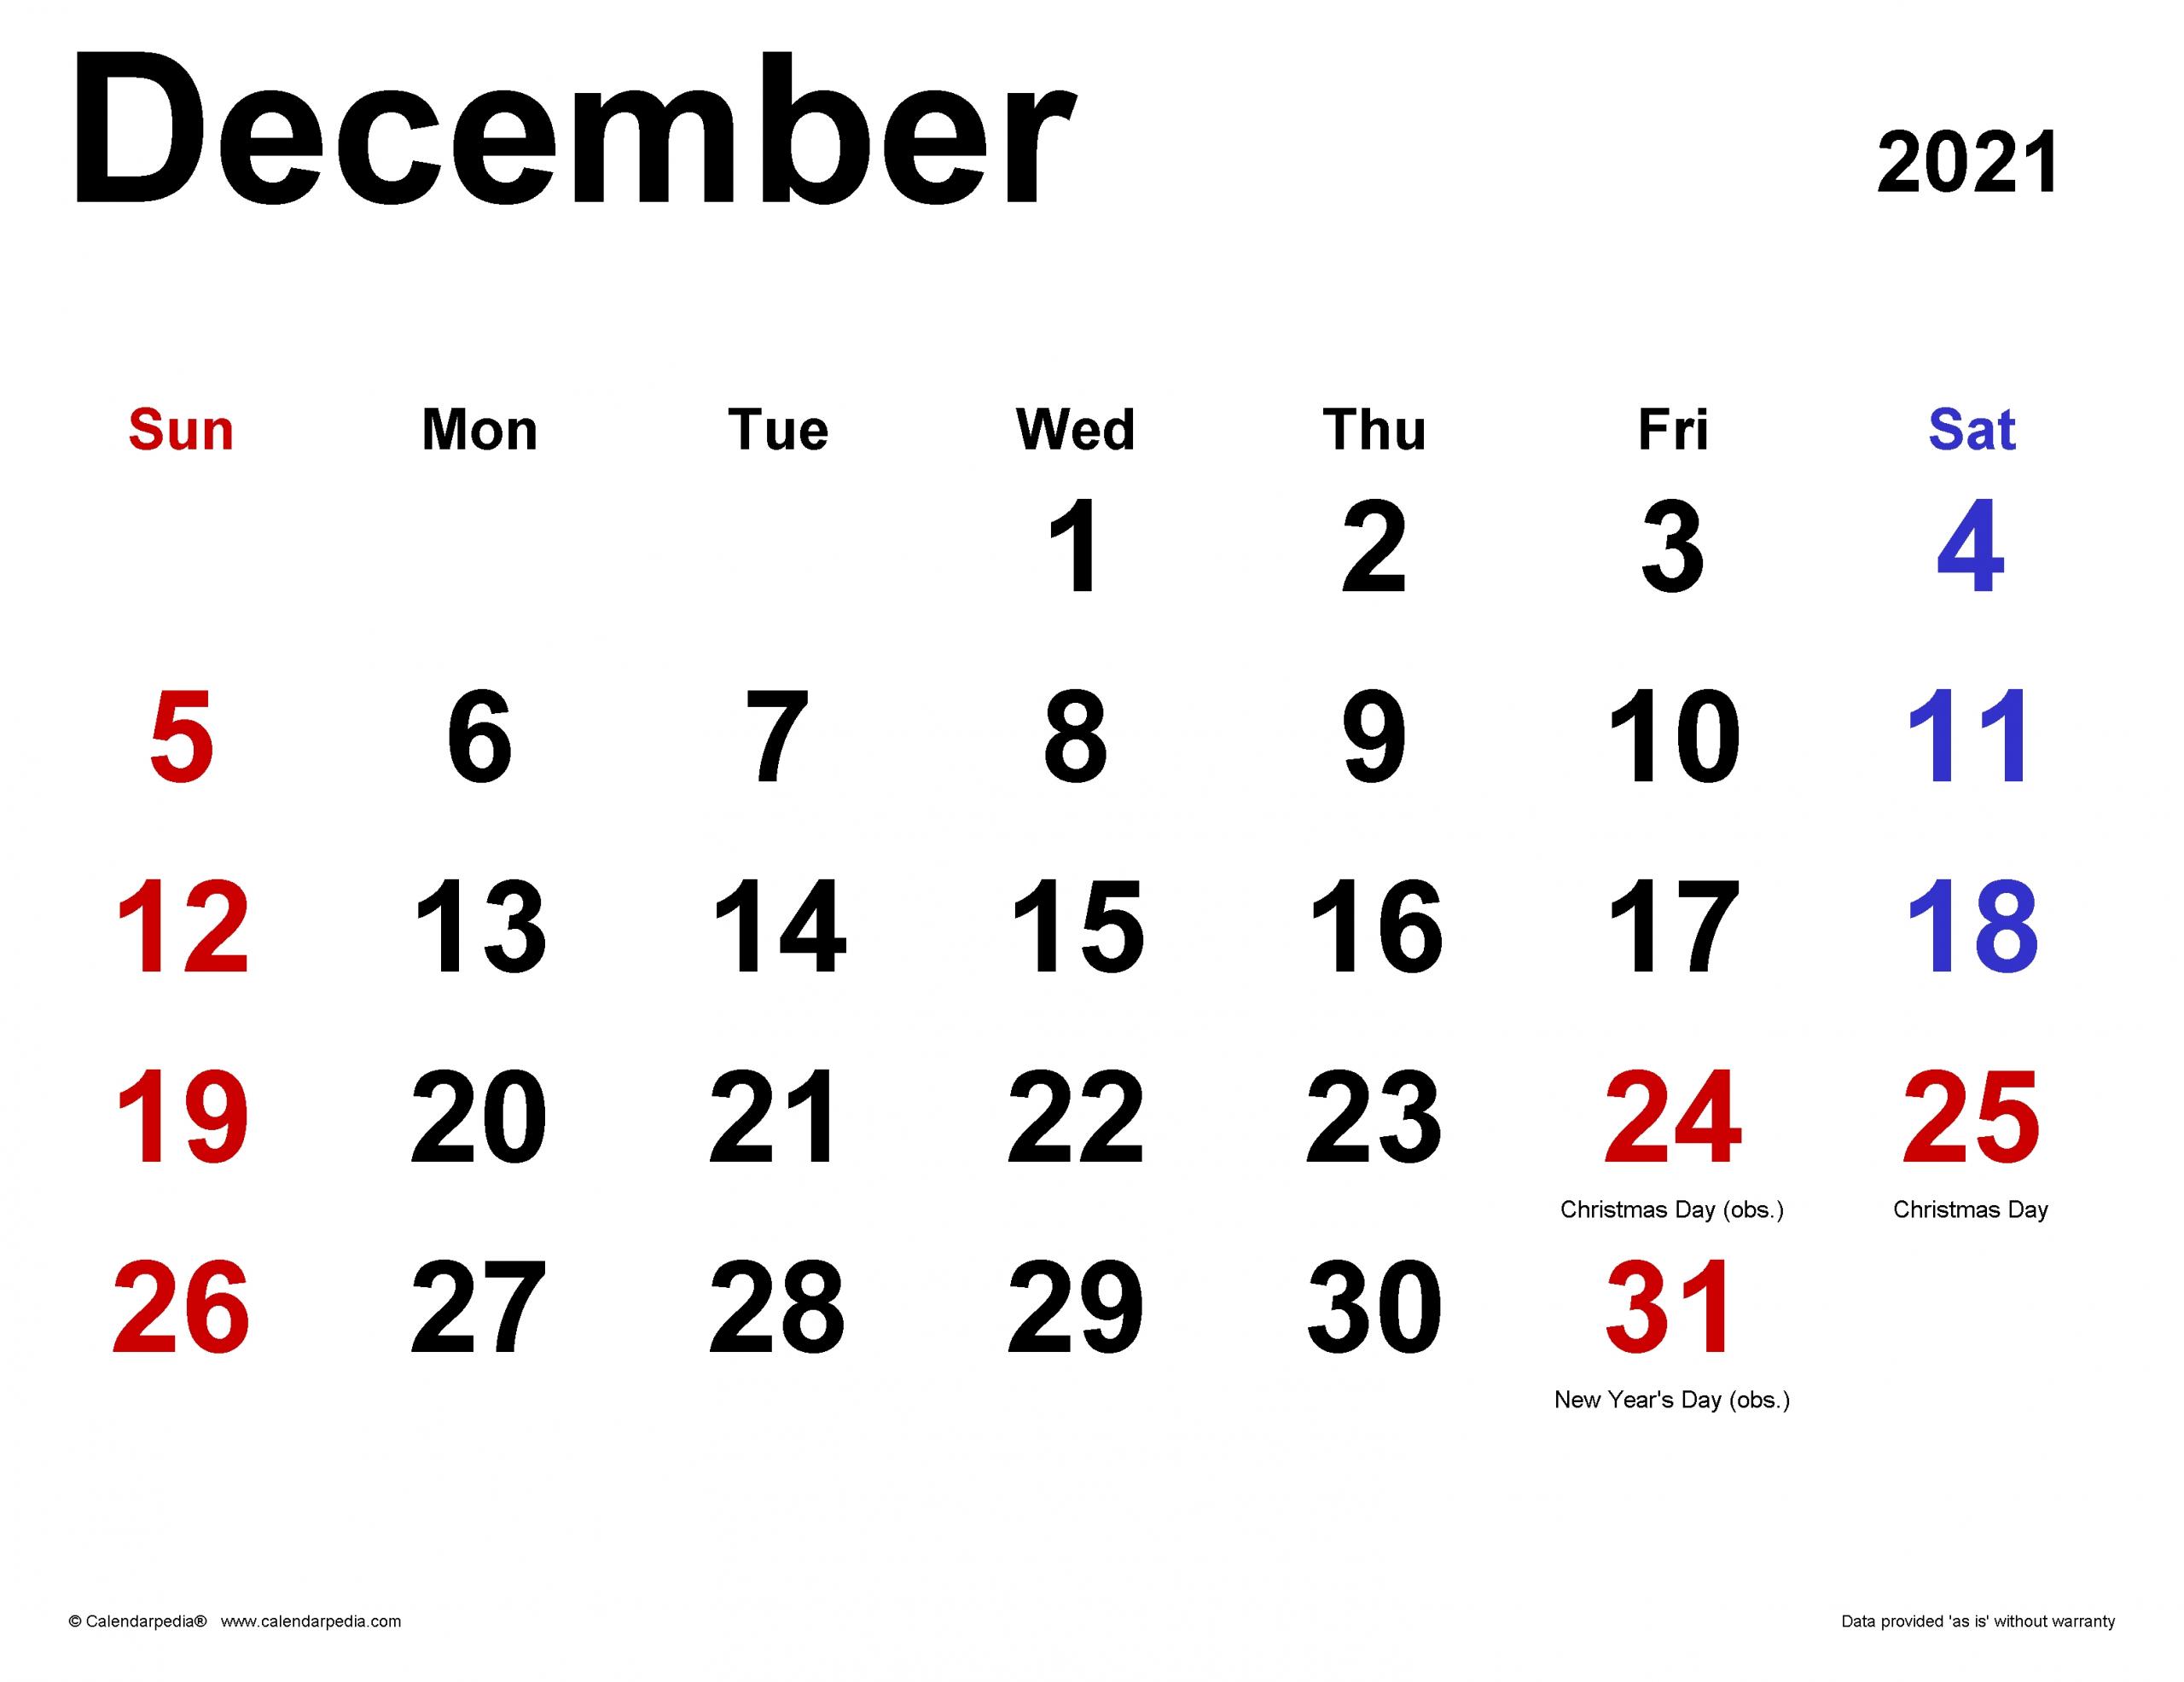 Pick December Calender Images 2021